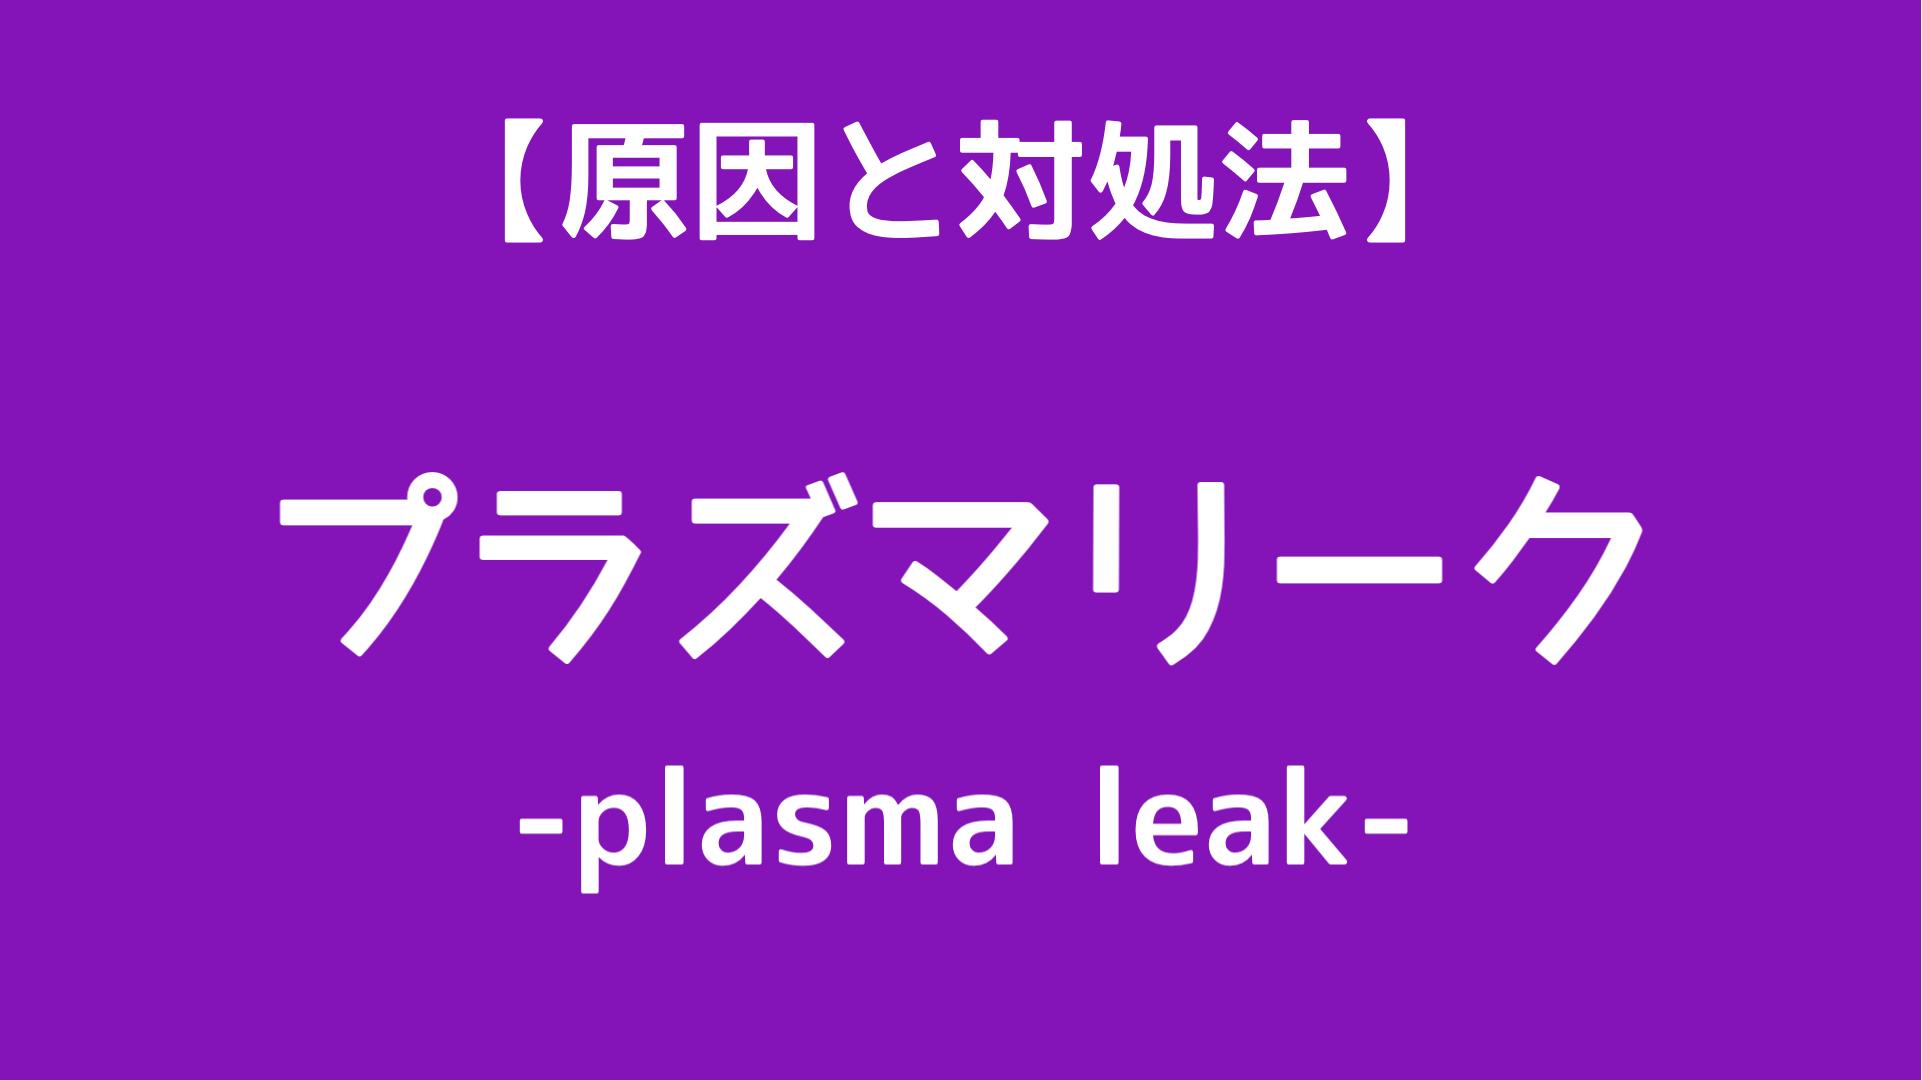 プラズマリーク,原因